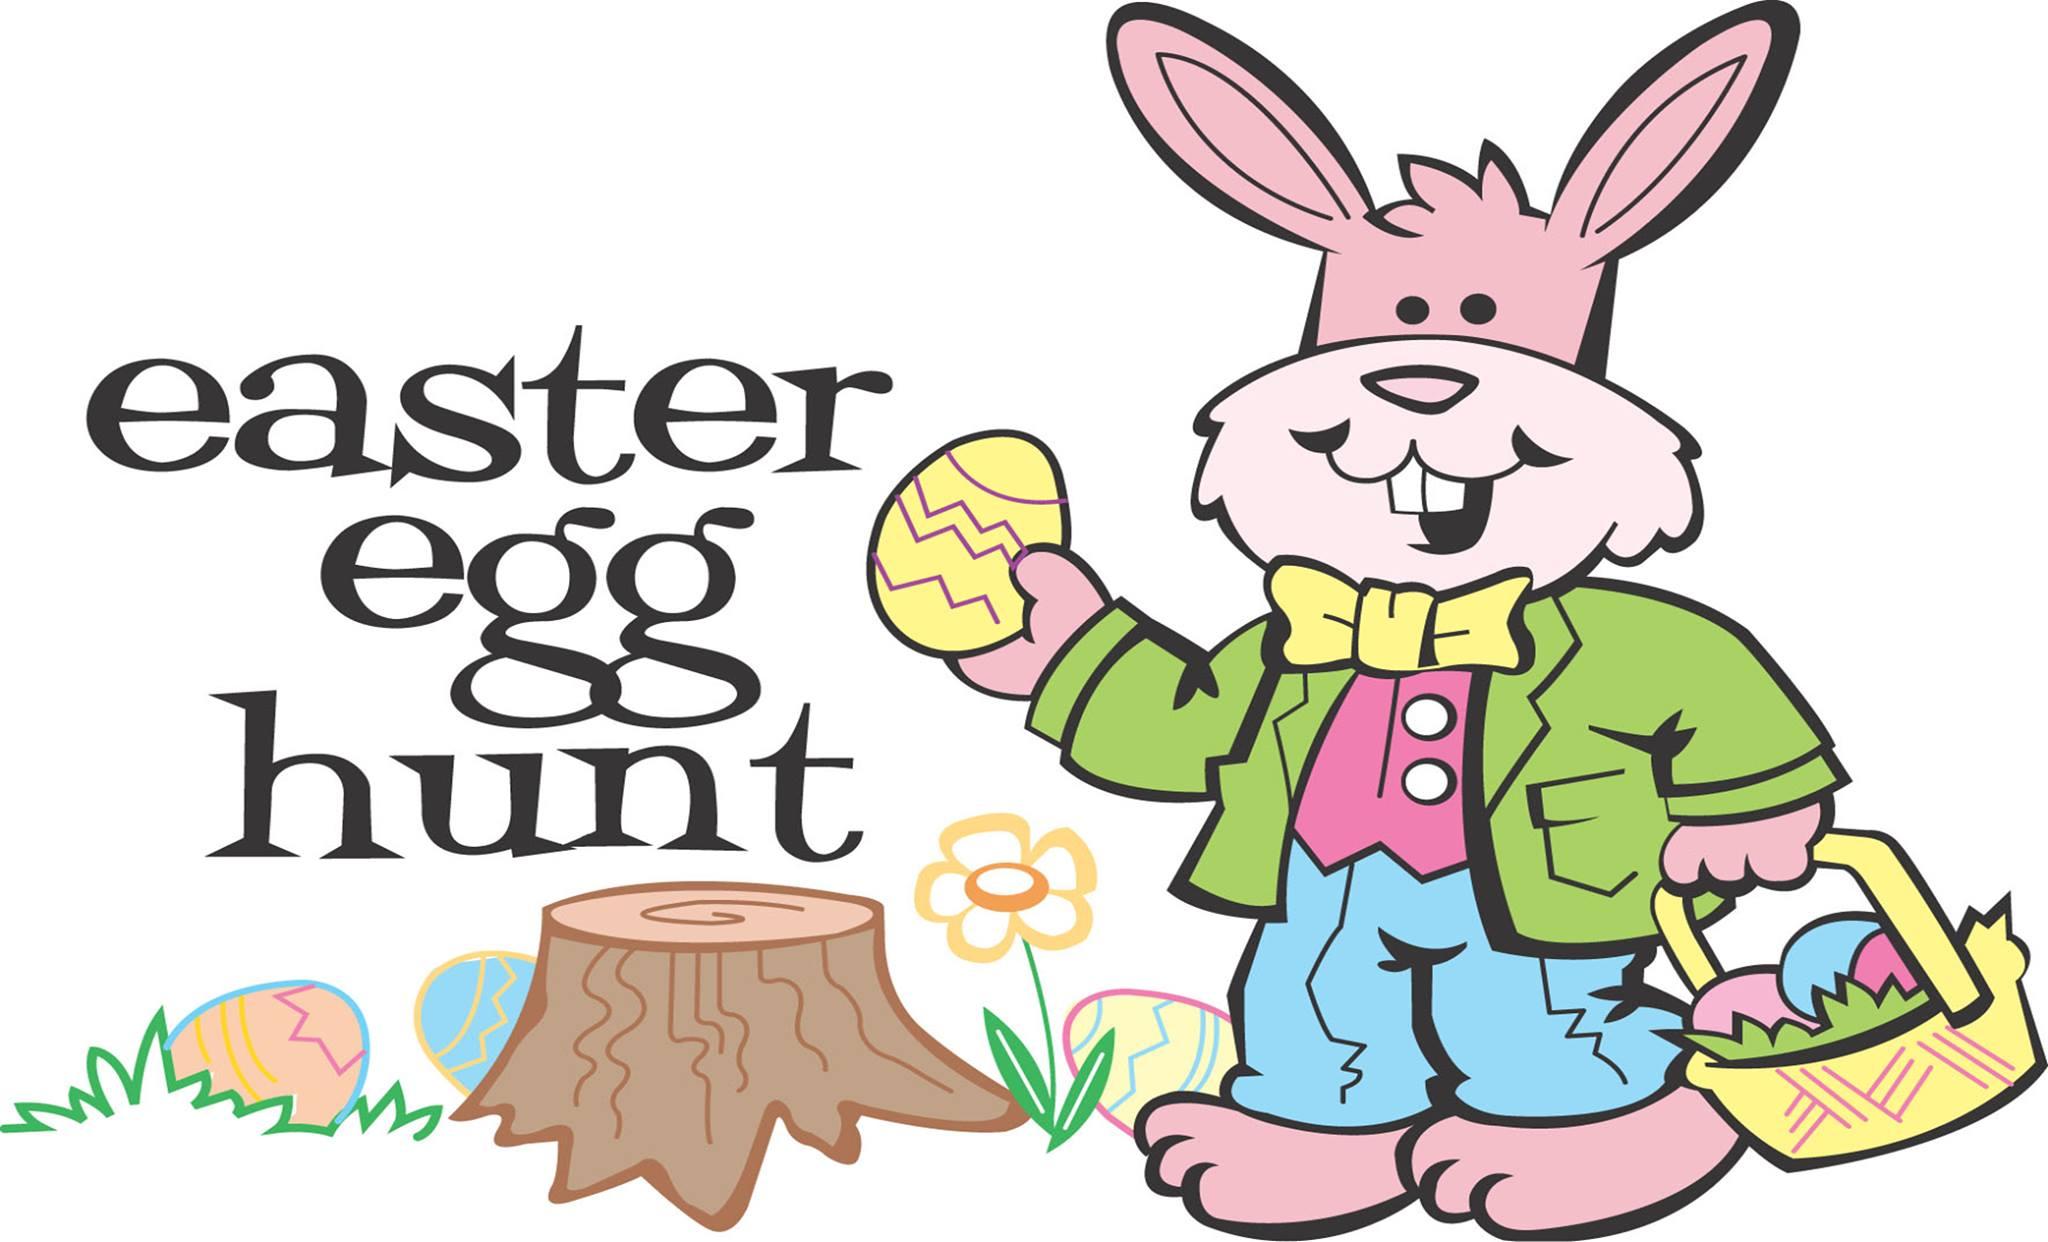 ufc easter egg hunt